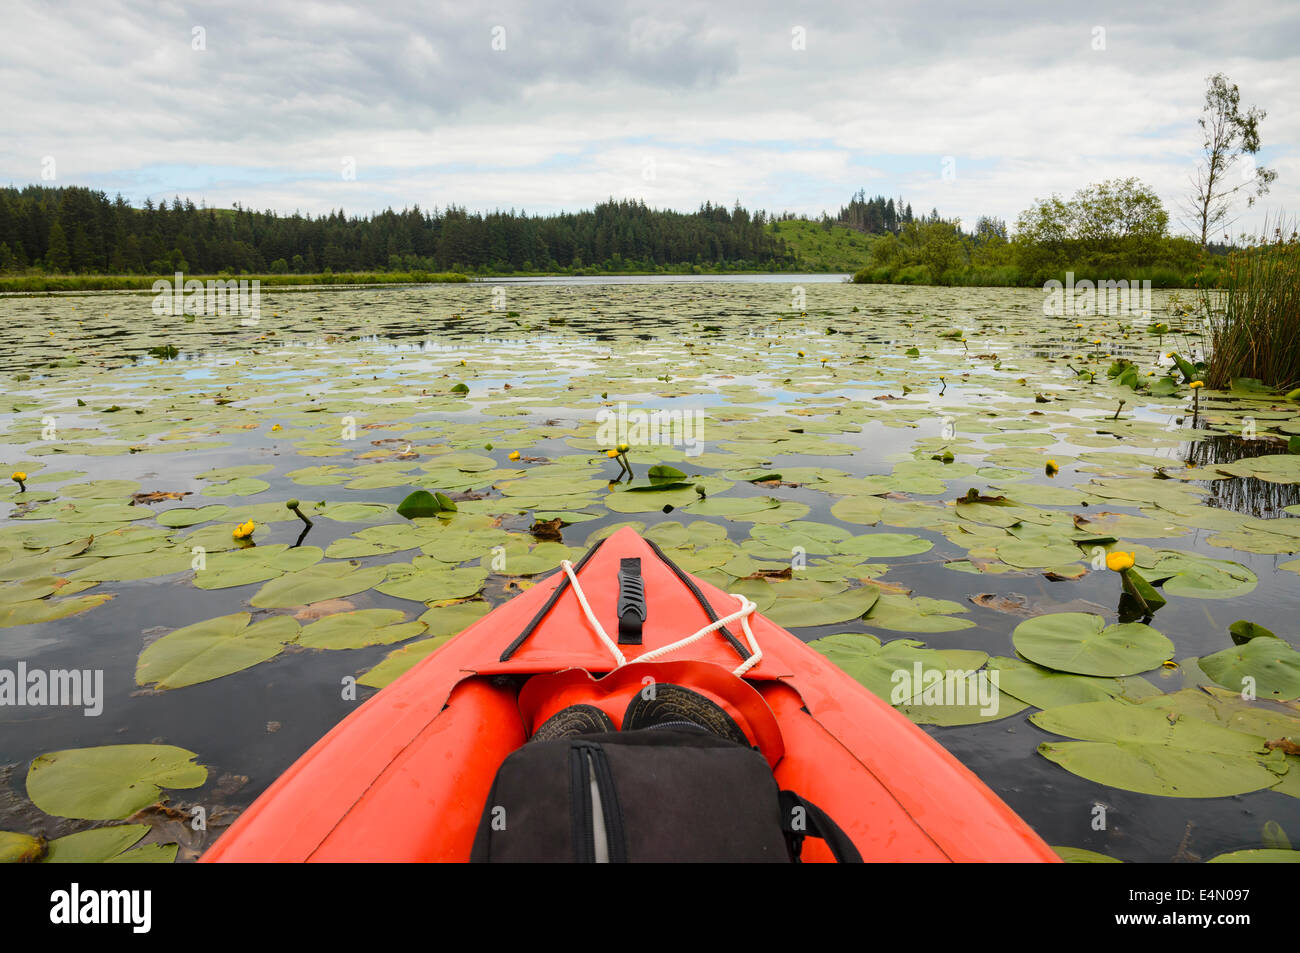 Canotaje en el lago, Bosque Stroan Galloway, Dumfries y Galloway, Escocia Imagen De Stock